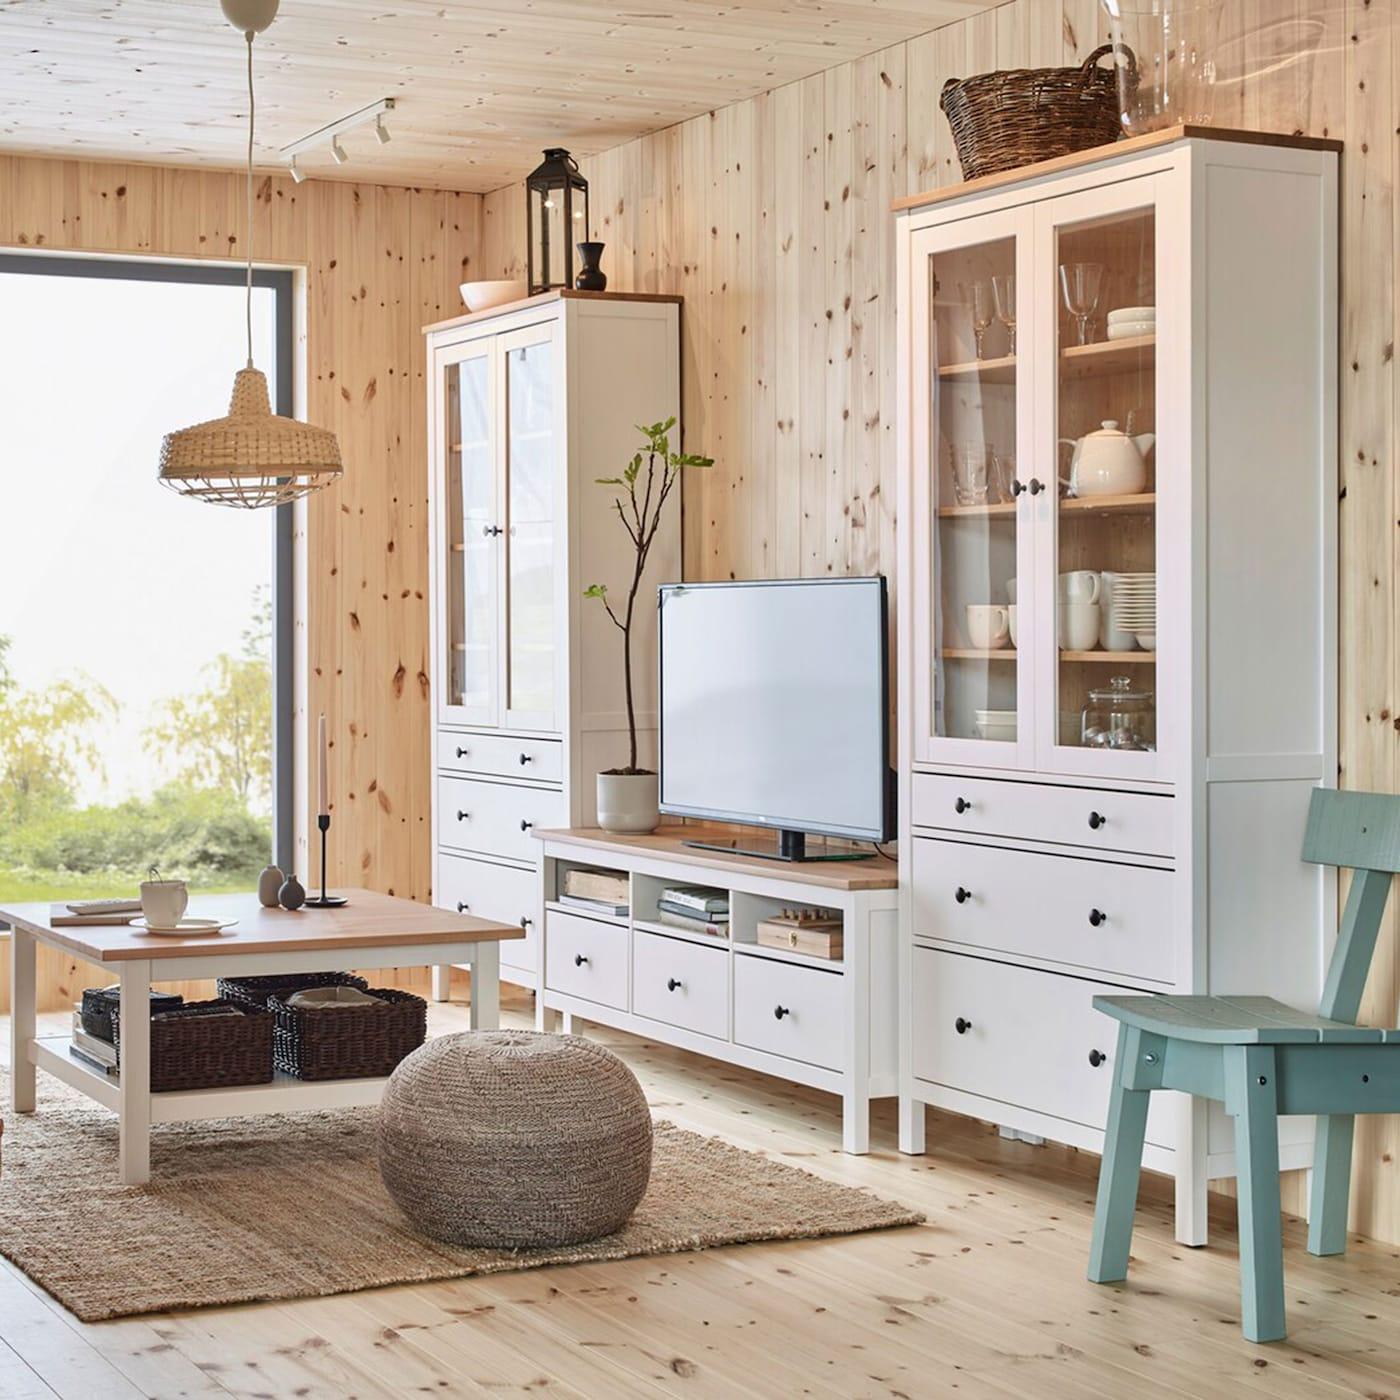 Unsere neuen HEMNES Möbel, u. a. mit HEMNES Vitrine mit 3 Schubladen weiss gebeizt/hellbraun, sind aus frischem Kiefernholz gebaut. Für mehr Natur im Wohnzimmer.